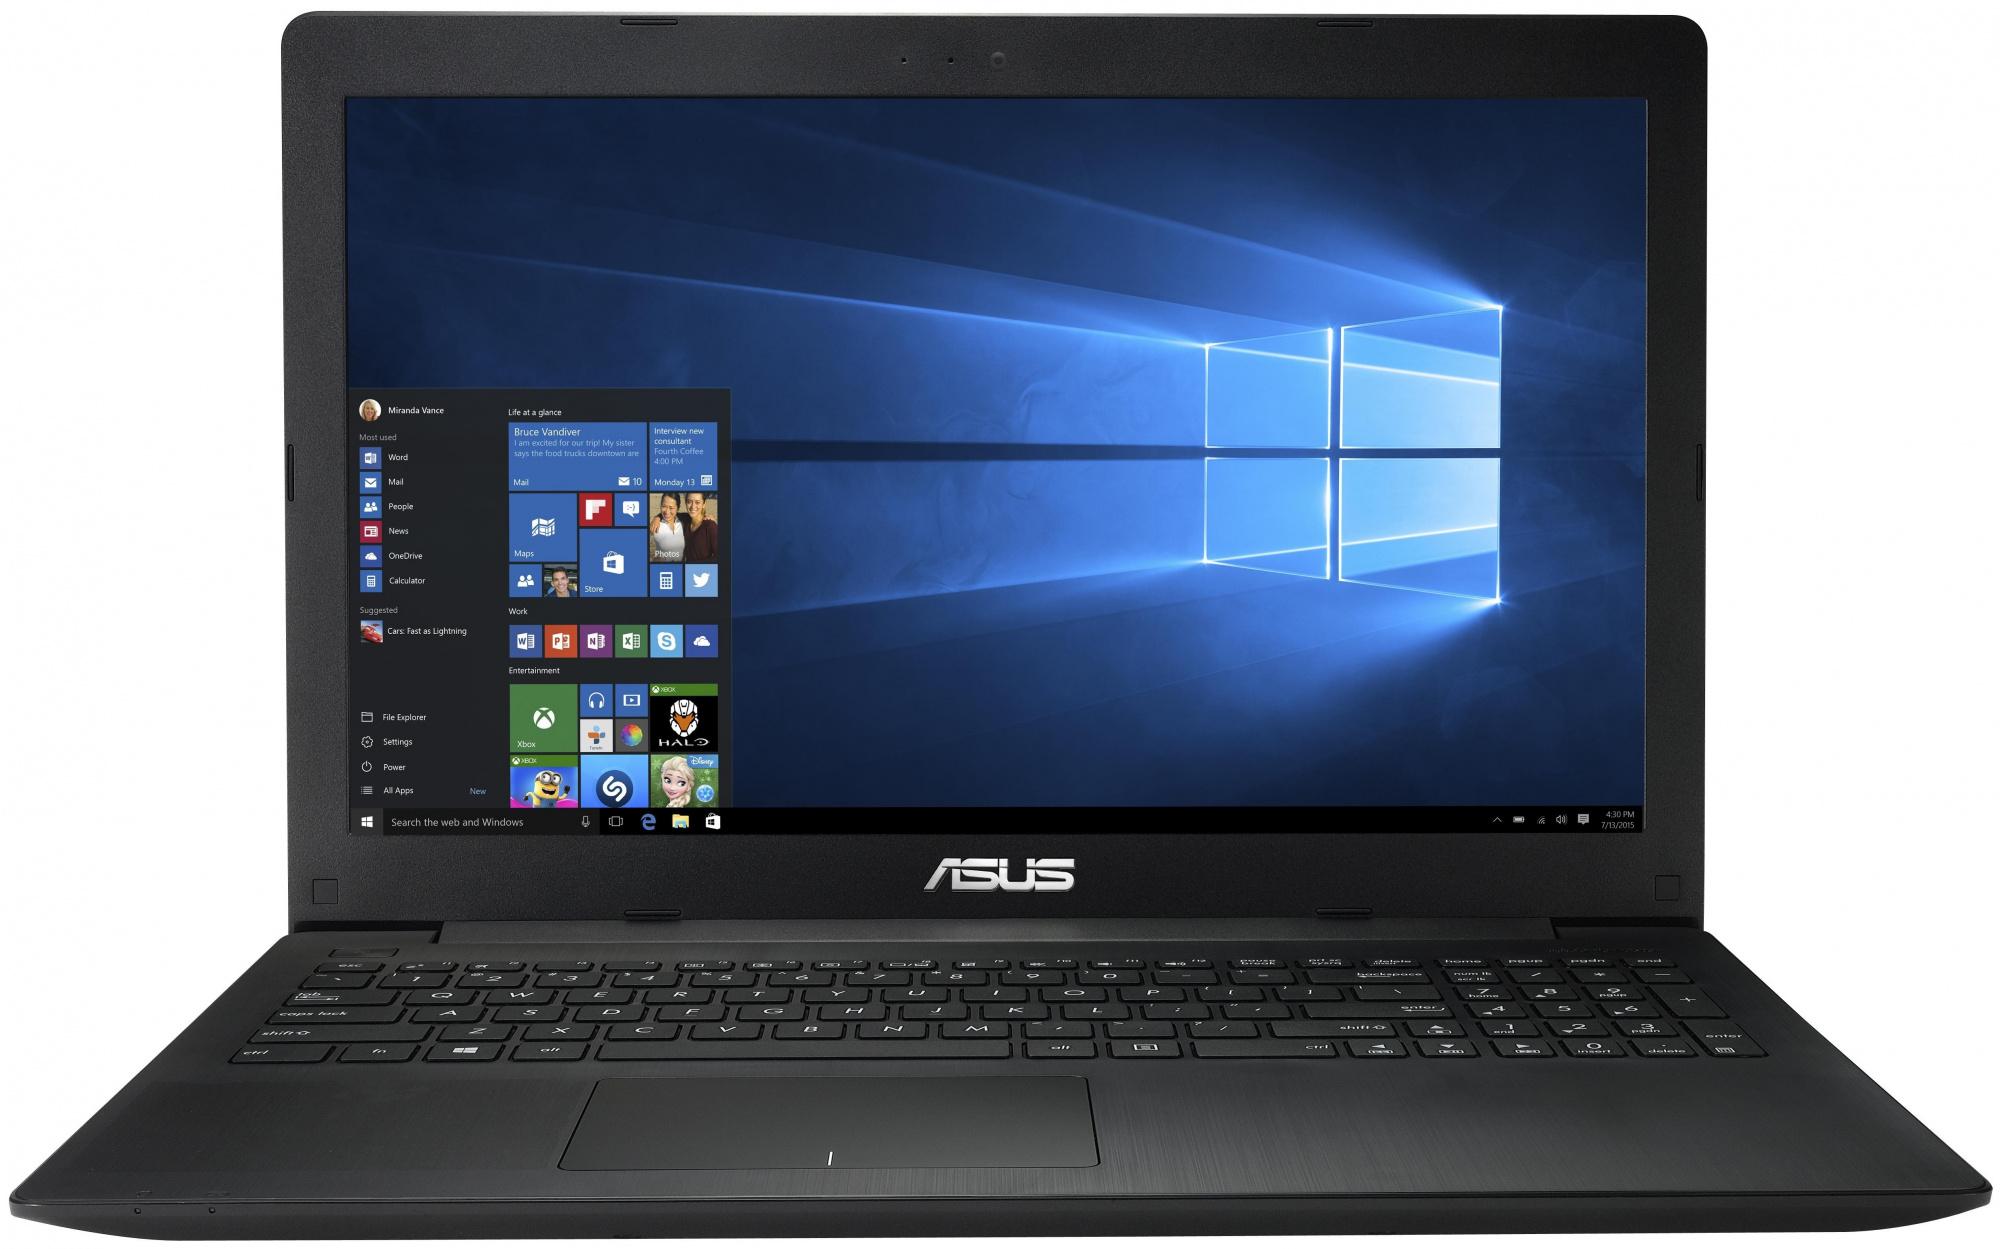 """Ноутбук Asus A553SA-XX307T BTS 15.6"""", Intel Celeron N305 1.6Ghz, 2Gb, 500Gb HDD (90NB0AC1-M06210)"""